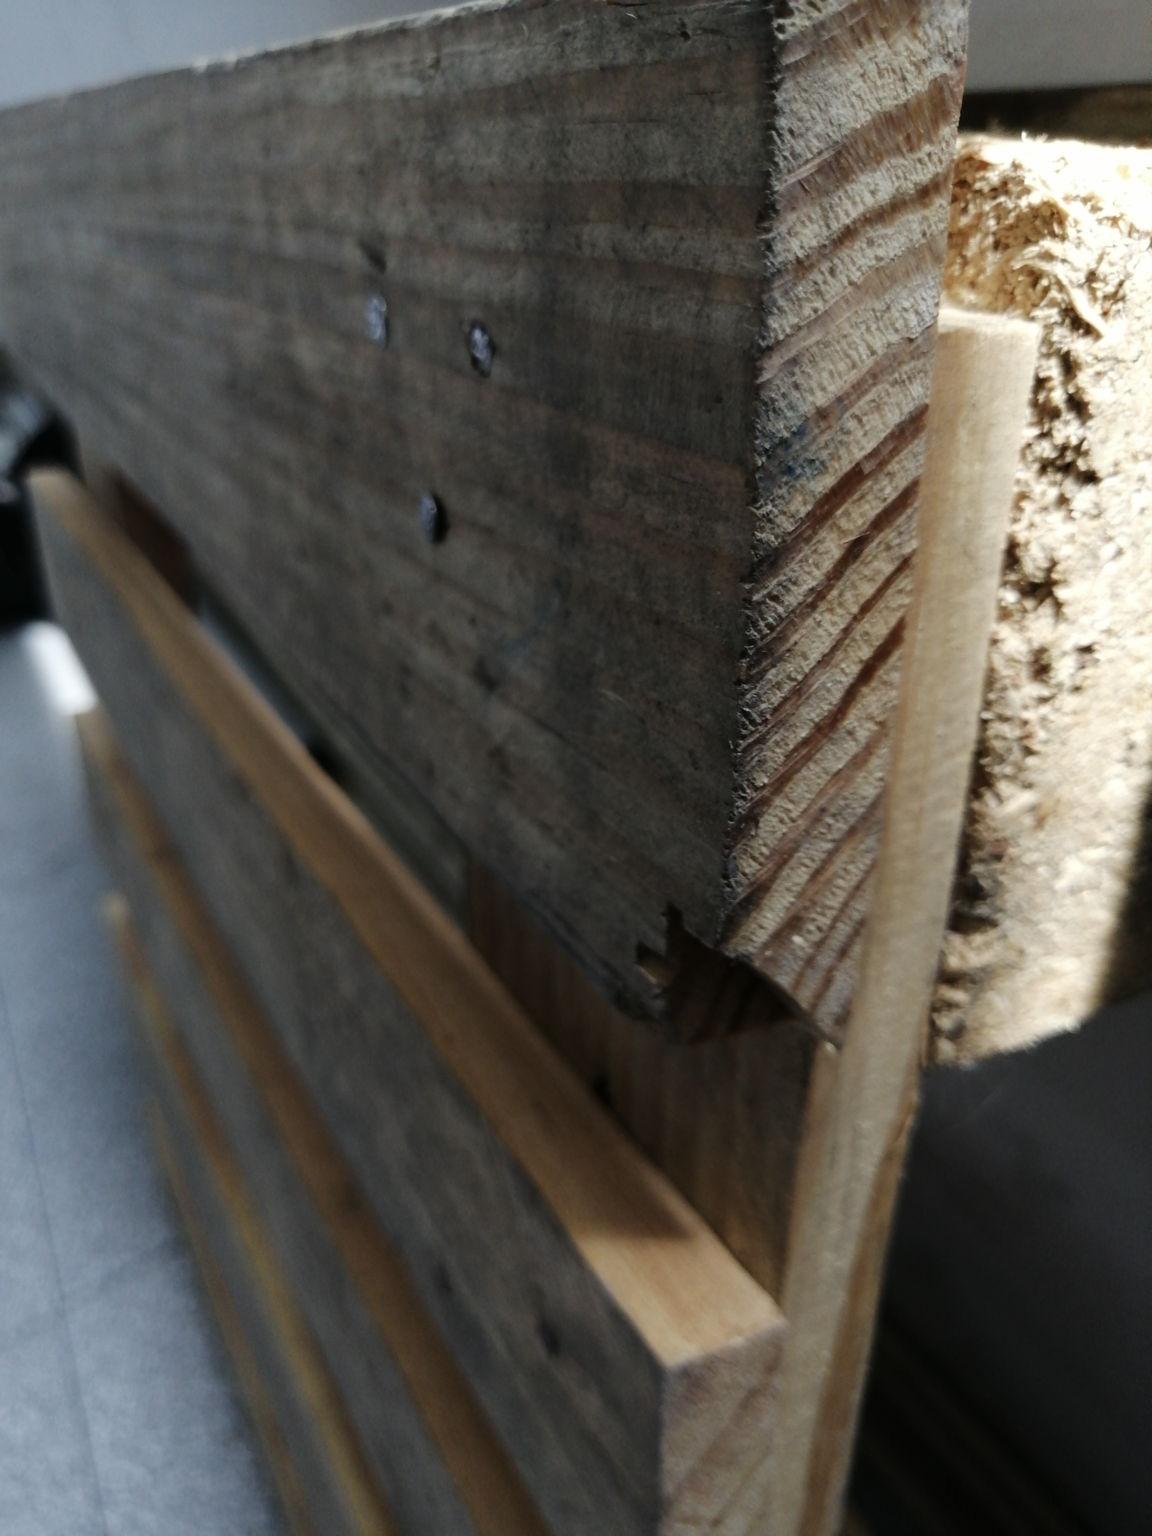 定制?,﹋☃▓ⓑ☐?装木托盘 木托盘生产厂家